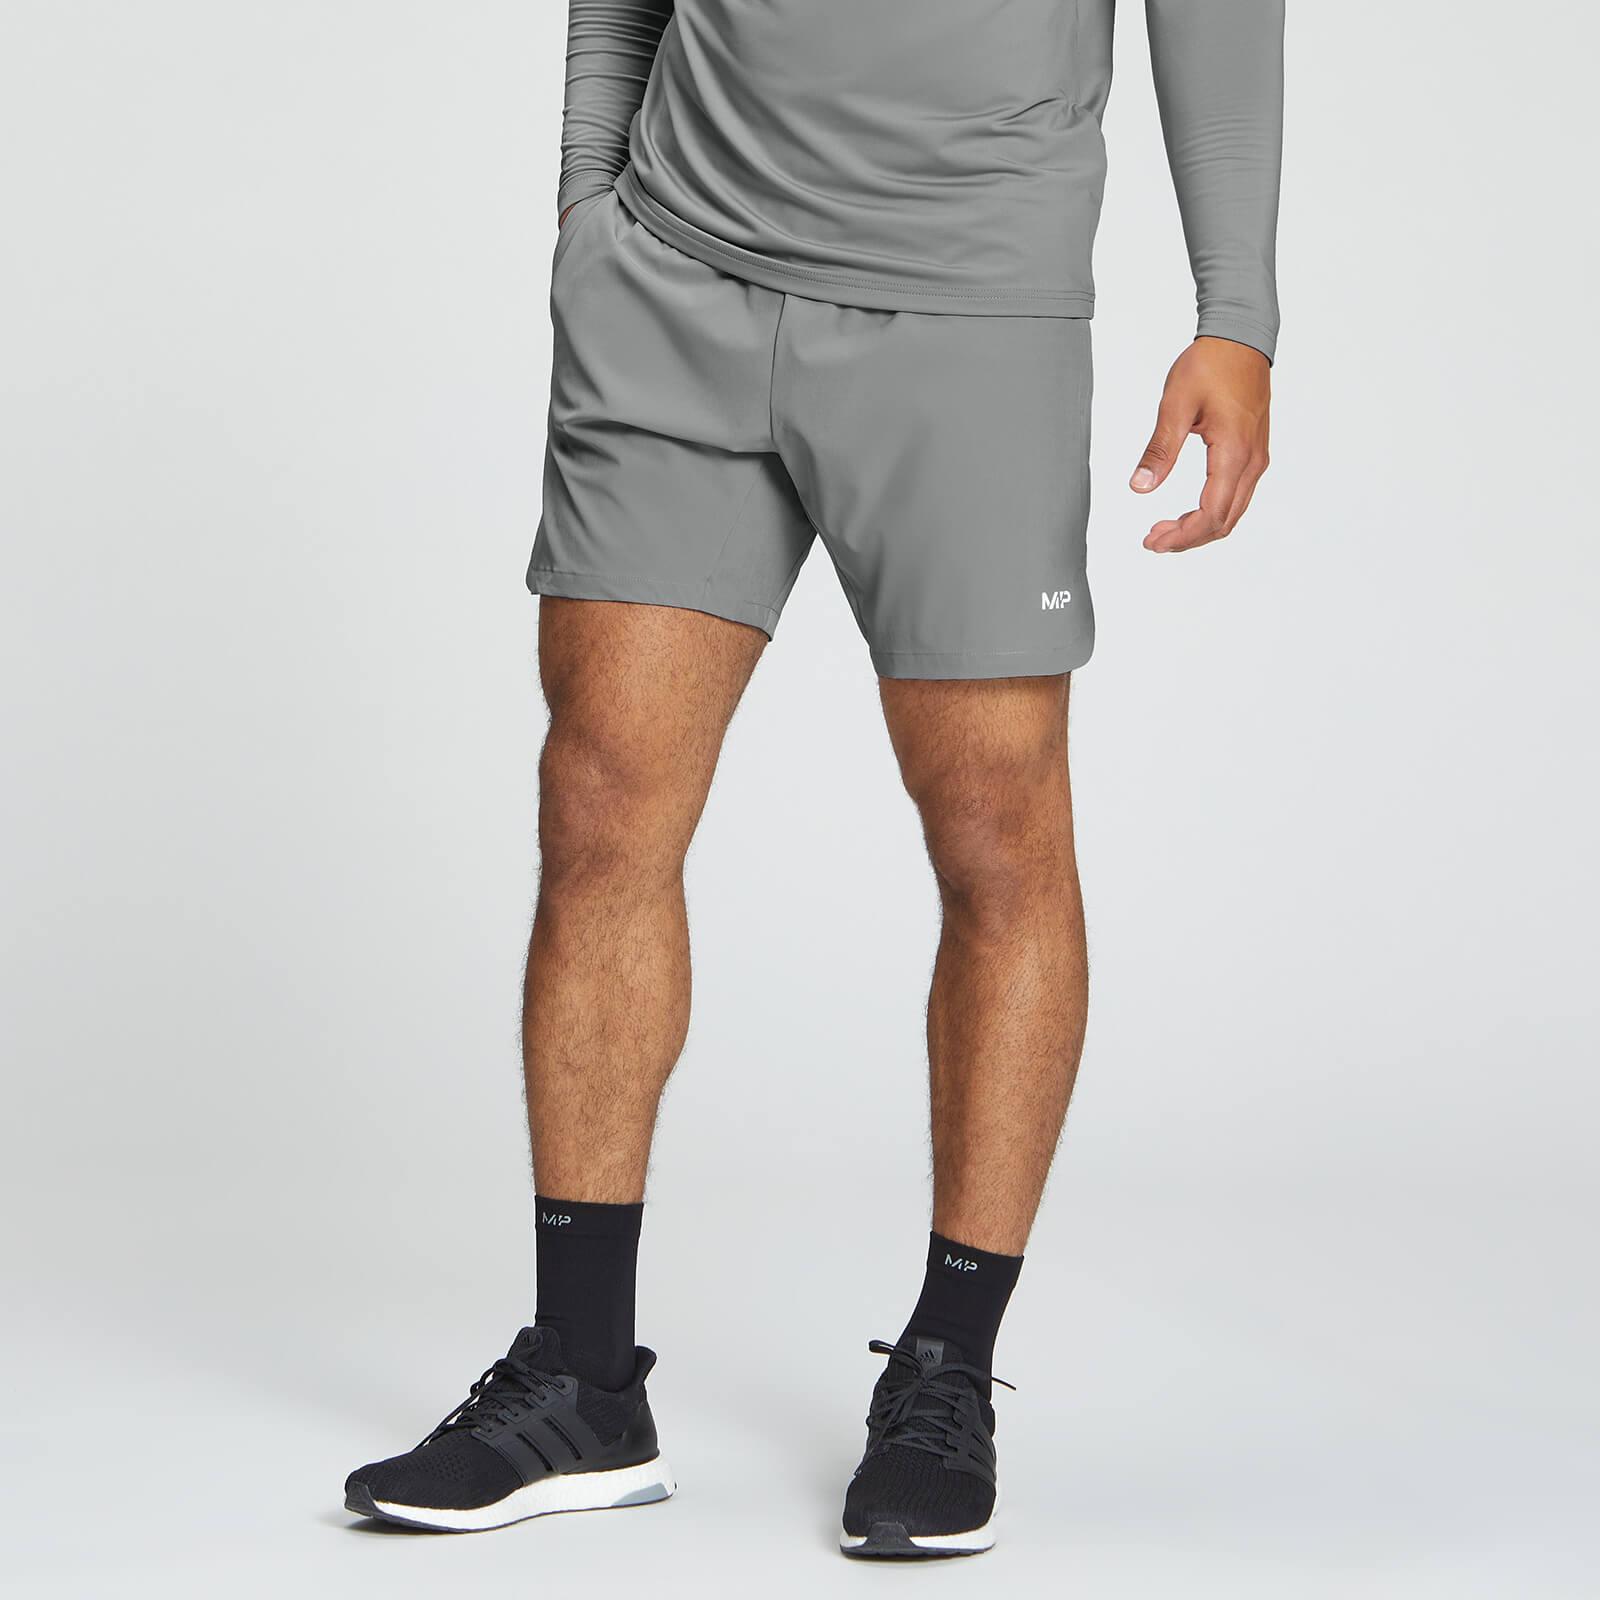 Купить MP Men's Essentials Training Shorts - Storm - XS, Myprotein International